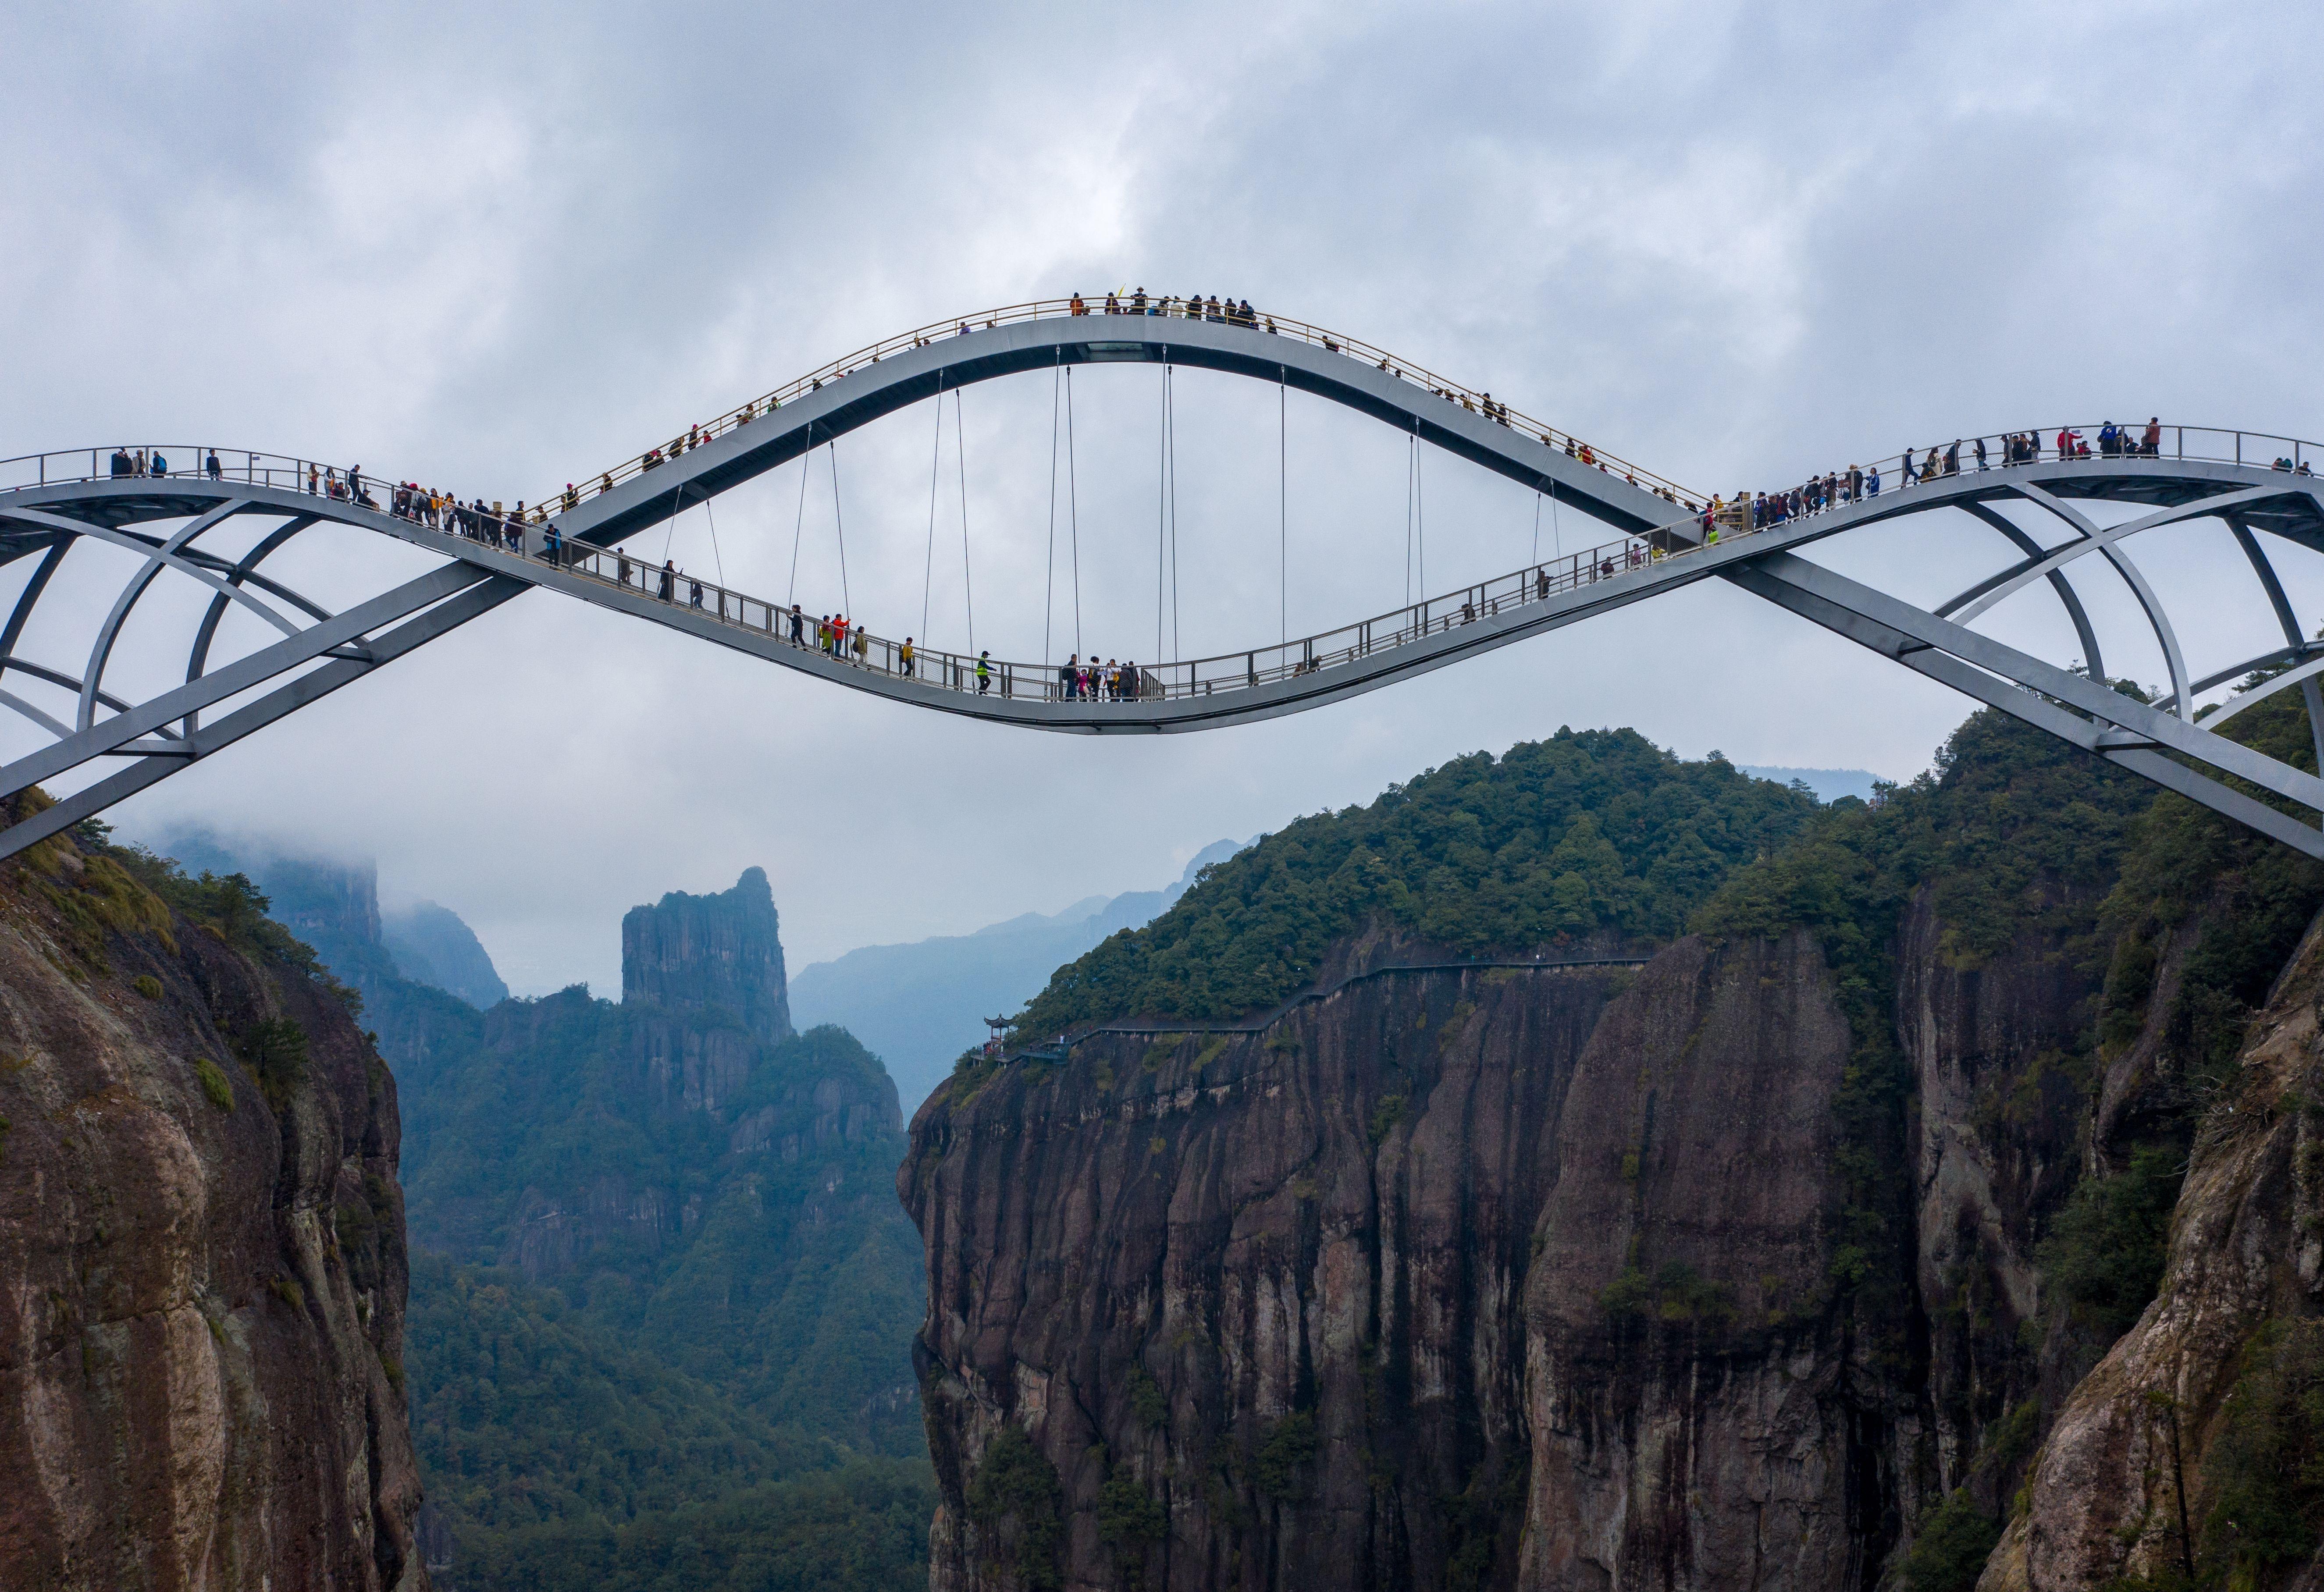 В Китае открылся изгибающийся стеклянный мост